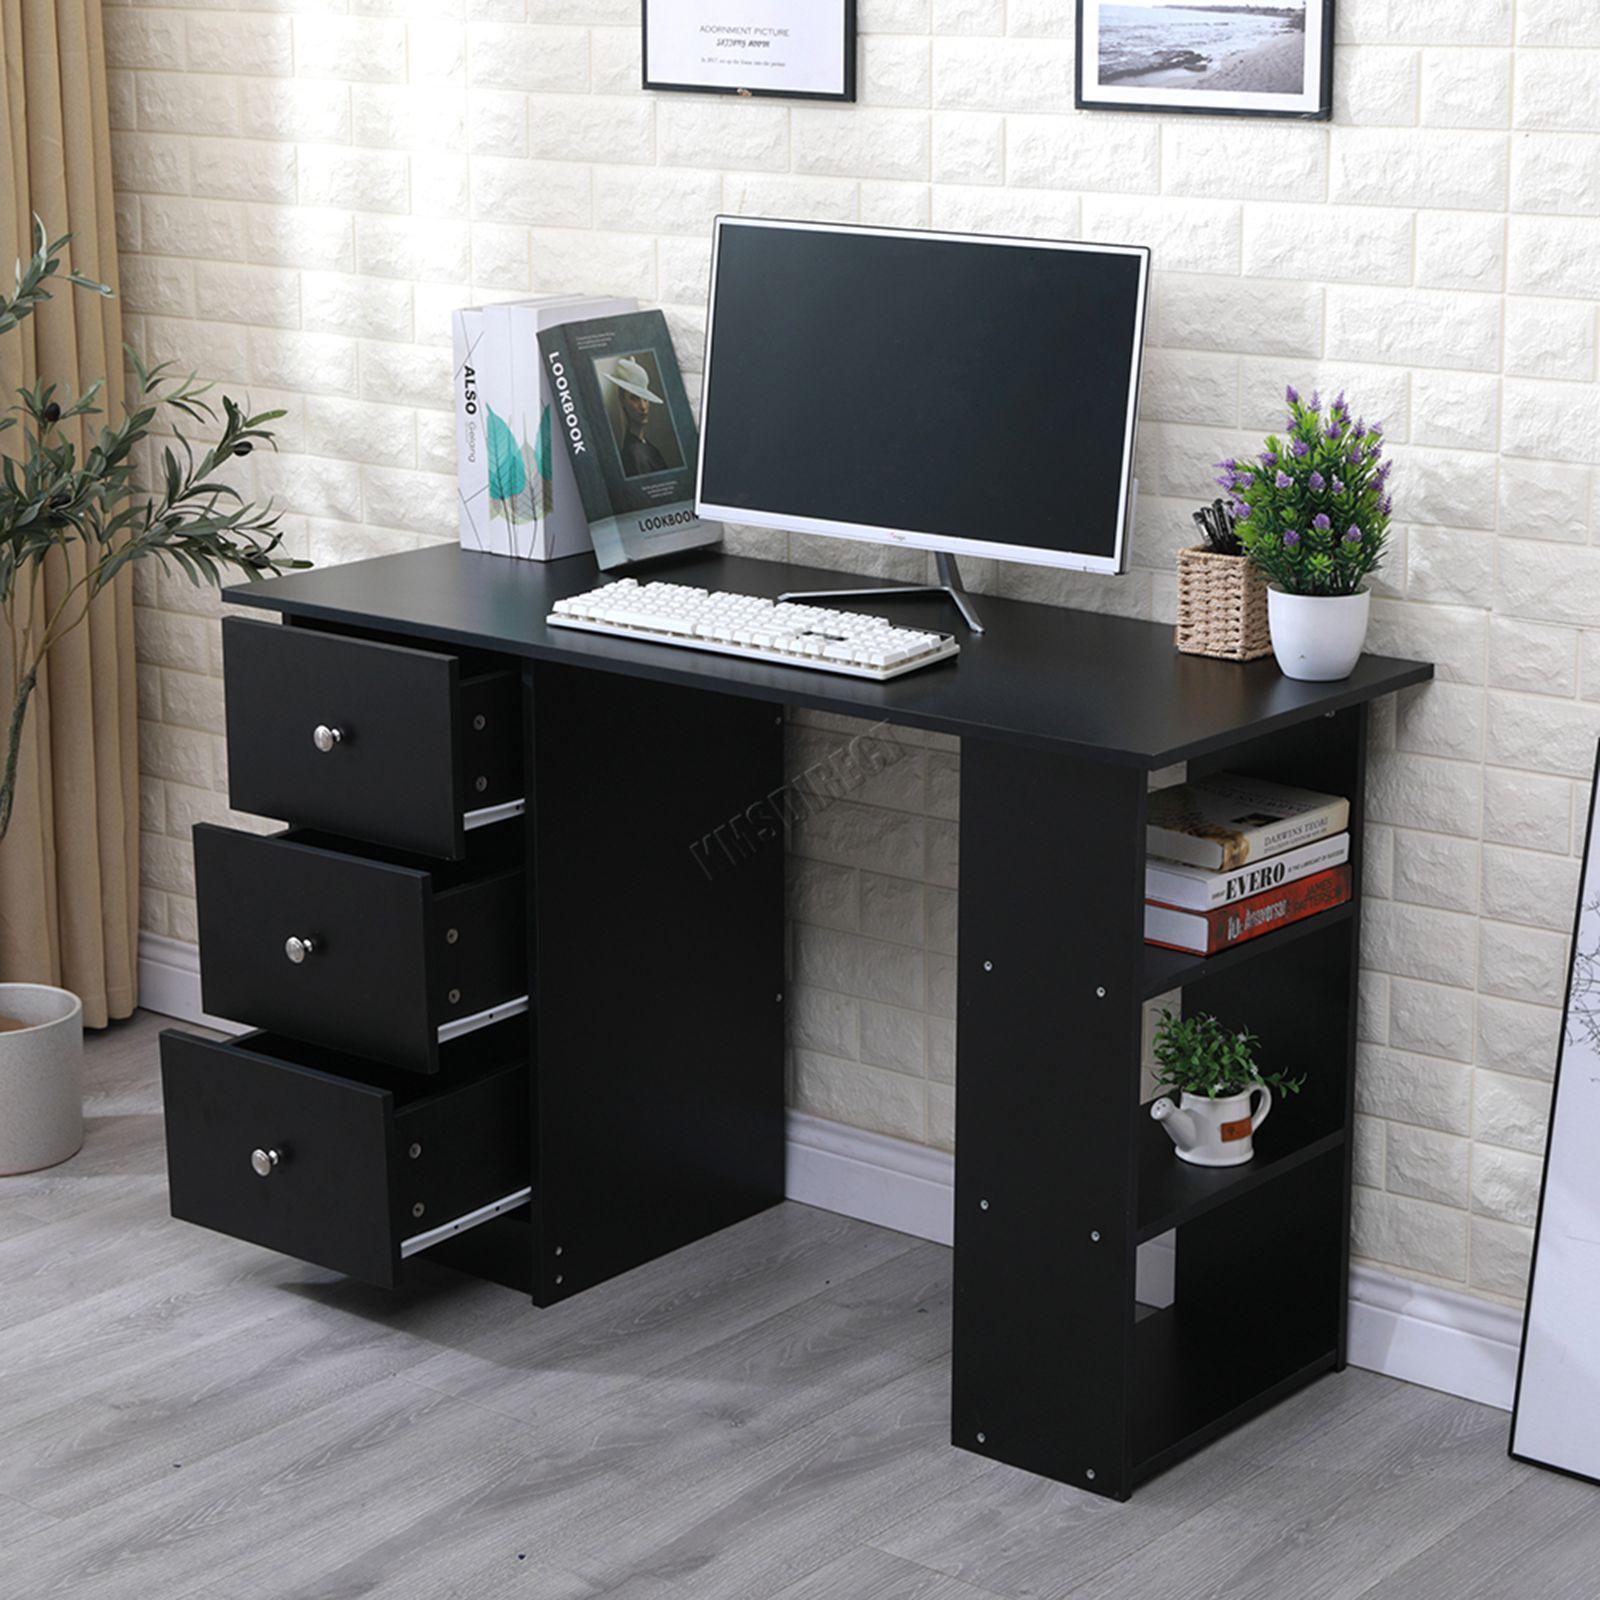 Foxhunter ordenador escritorio con 3 cajones 3 estanter as pc mesa hogar oficina ebay - Mesa escritorio con cajones ...